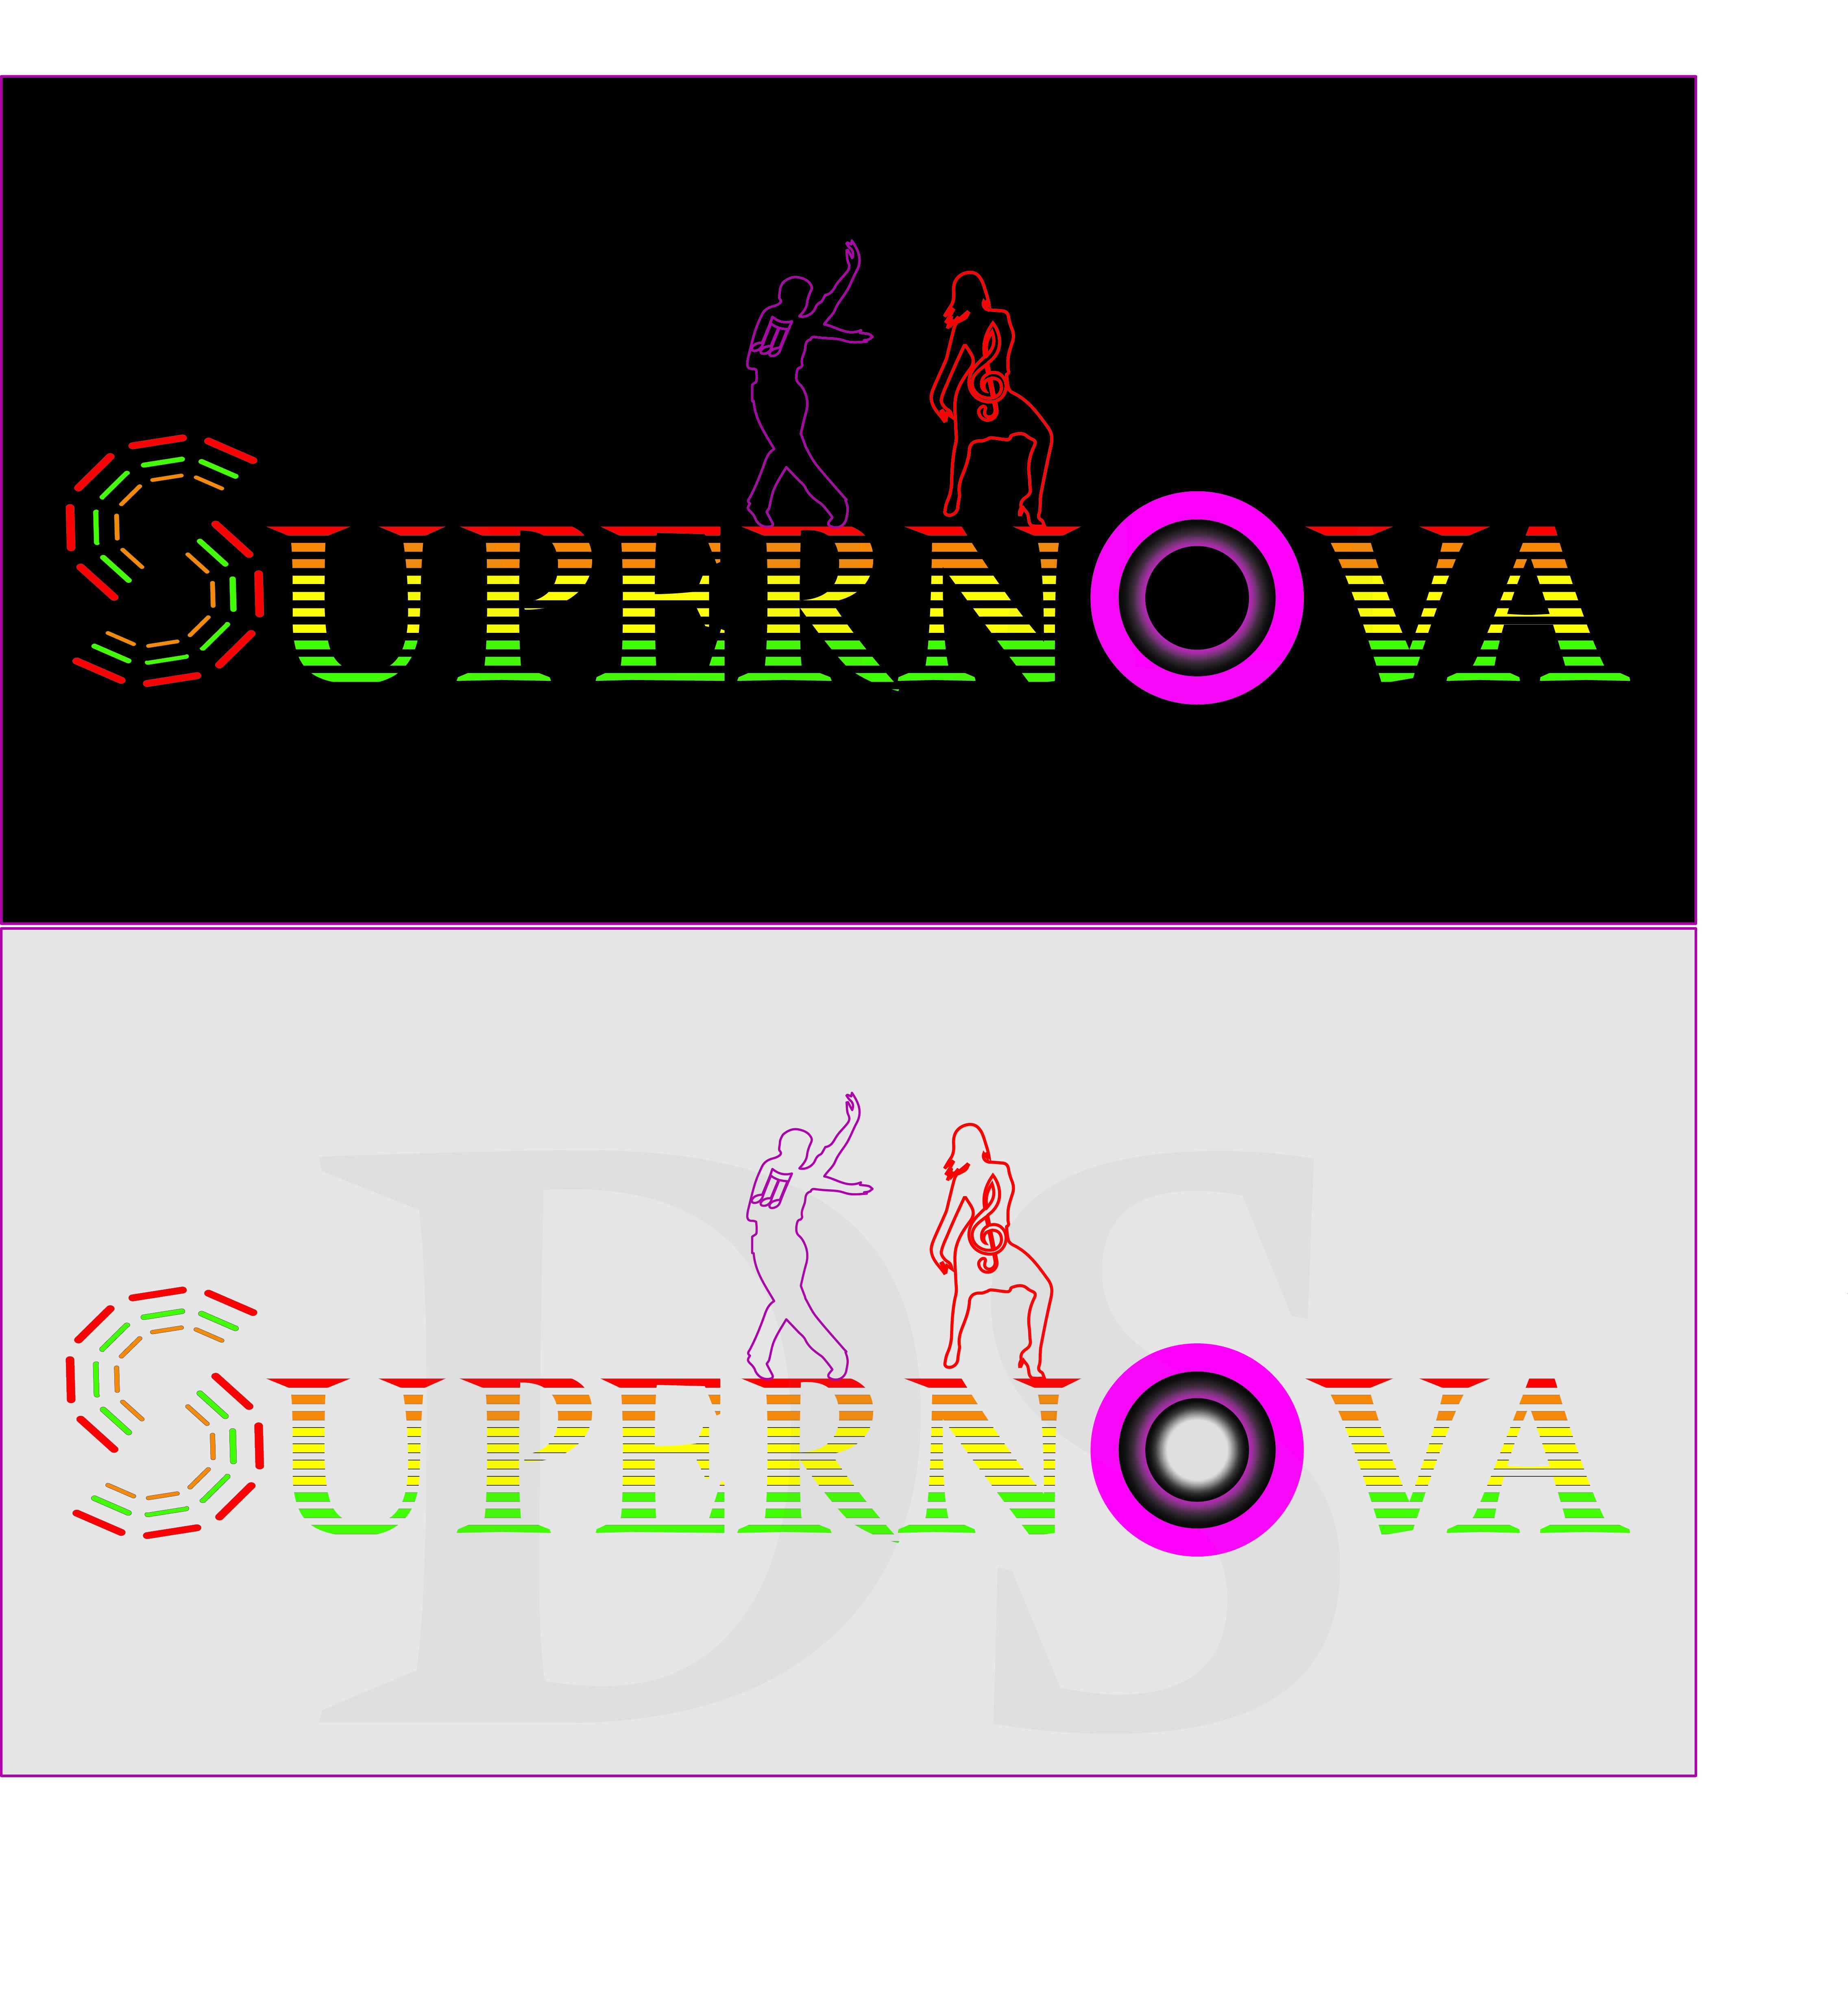 Logo Design by Goran Ledjenovic - Entry No. 52 in the Logo Design Contest Creative Logo Design for Supernova.